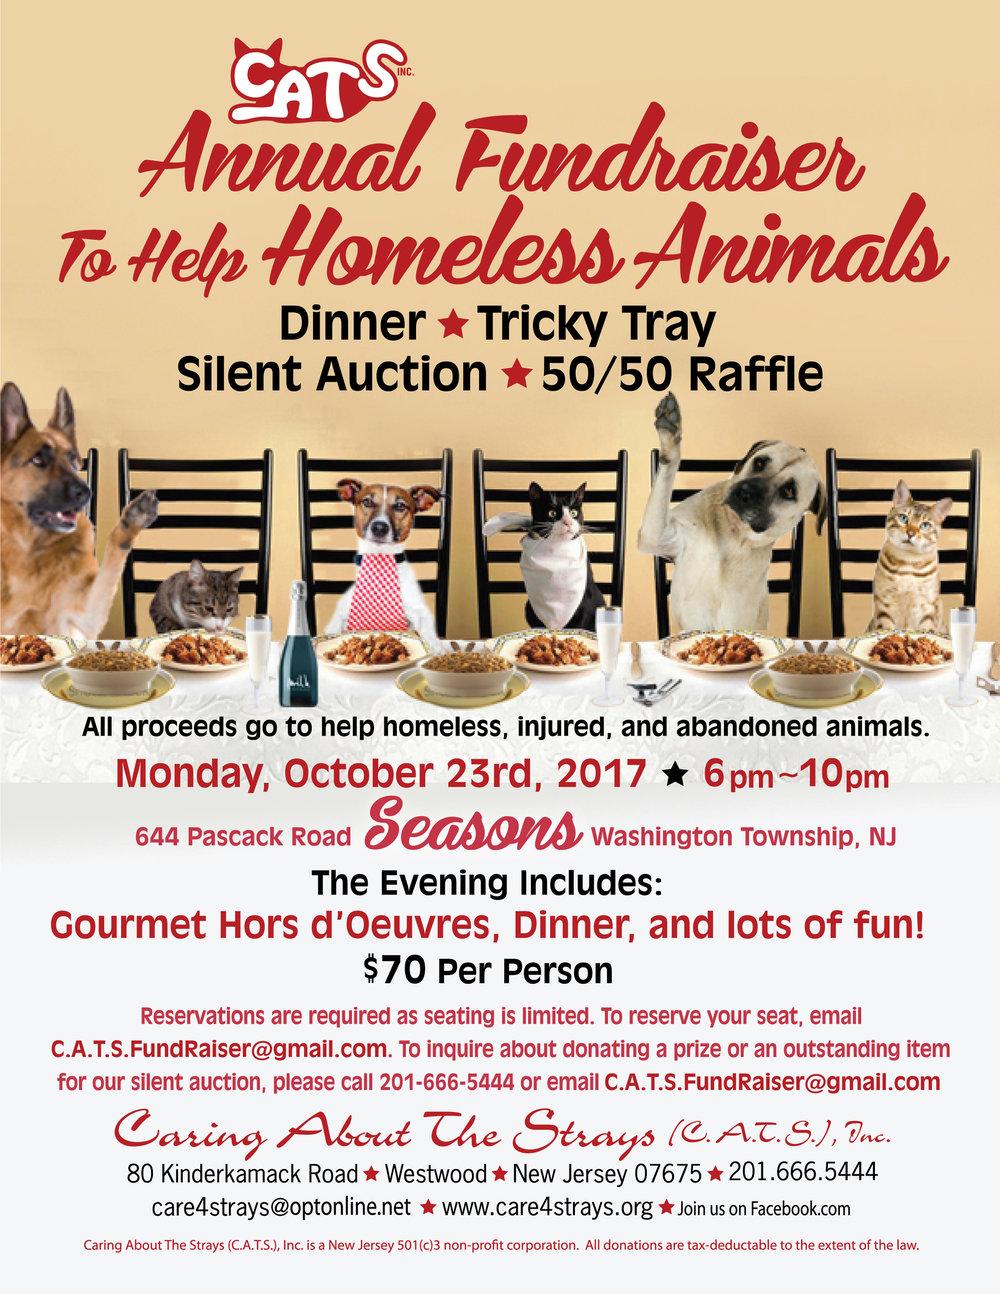 CATS Fundraiser_2017.jpg